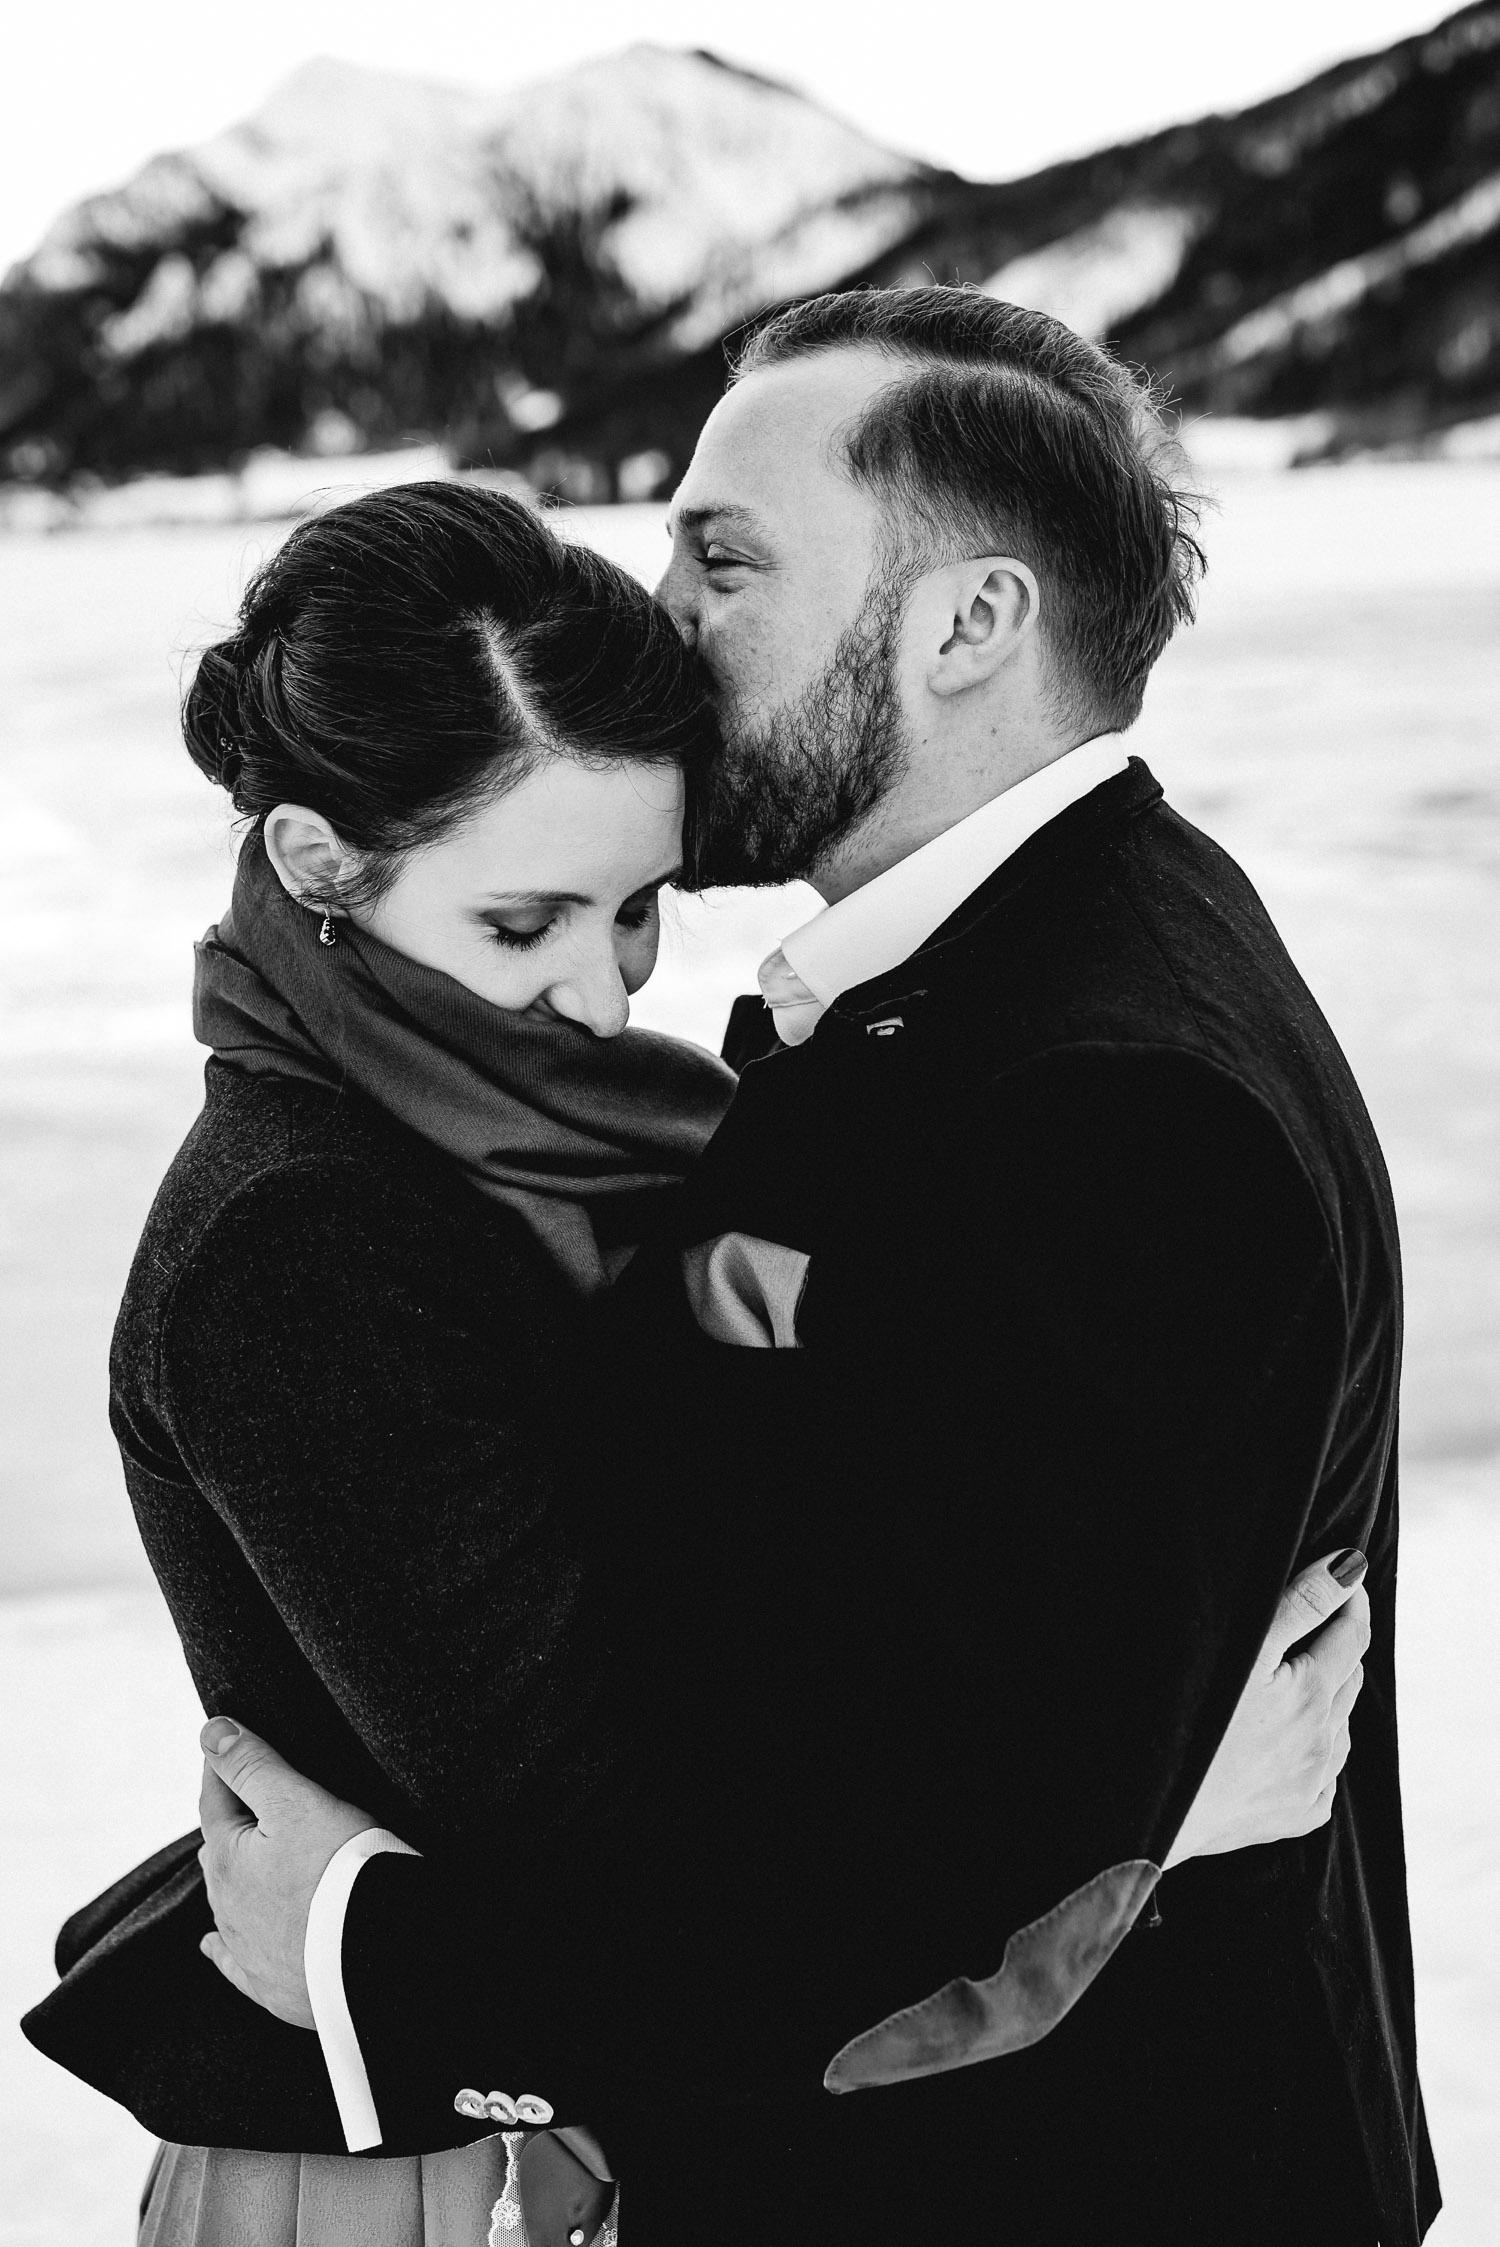 Hochzeitsfotos-Winter-Schliersee-16 - (C) Lichtmädchen Fotografie Nicki Schäfer